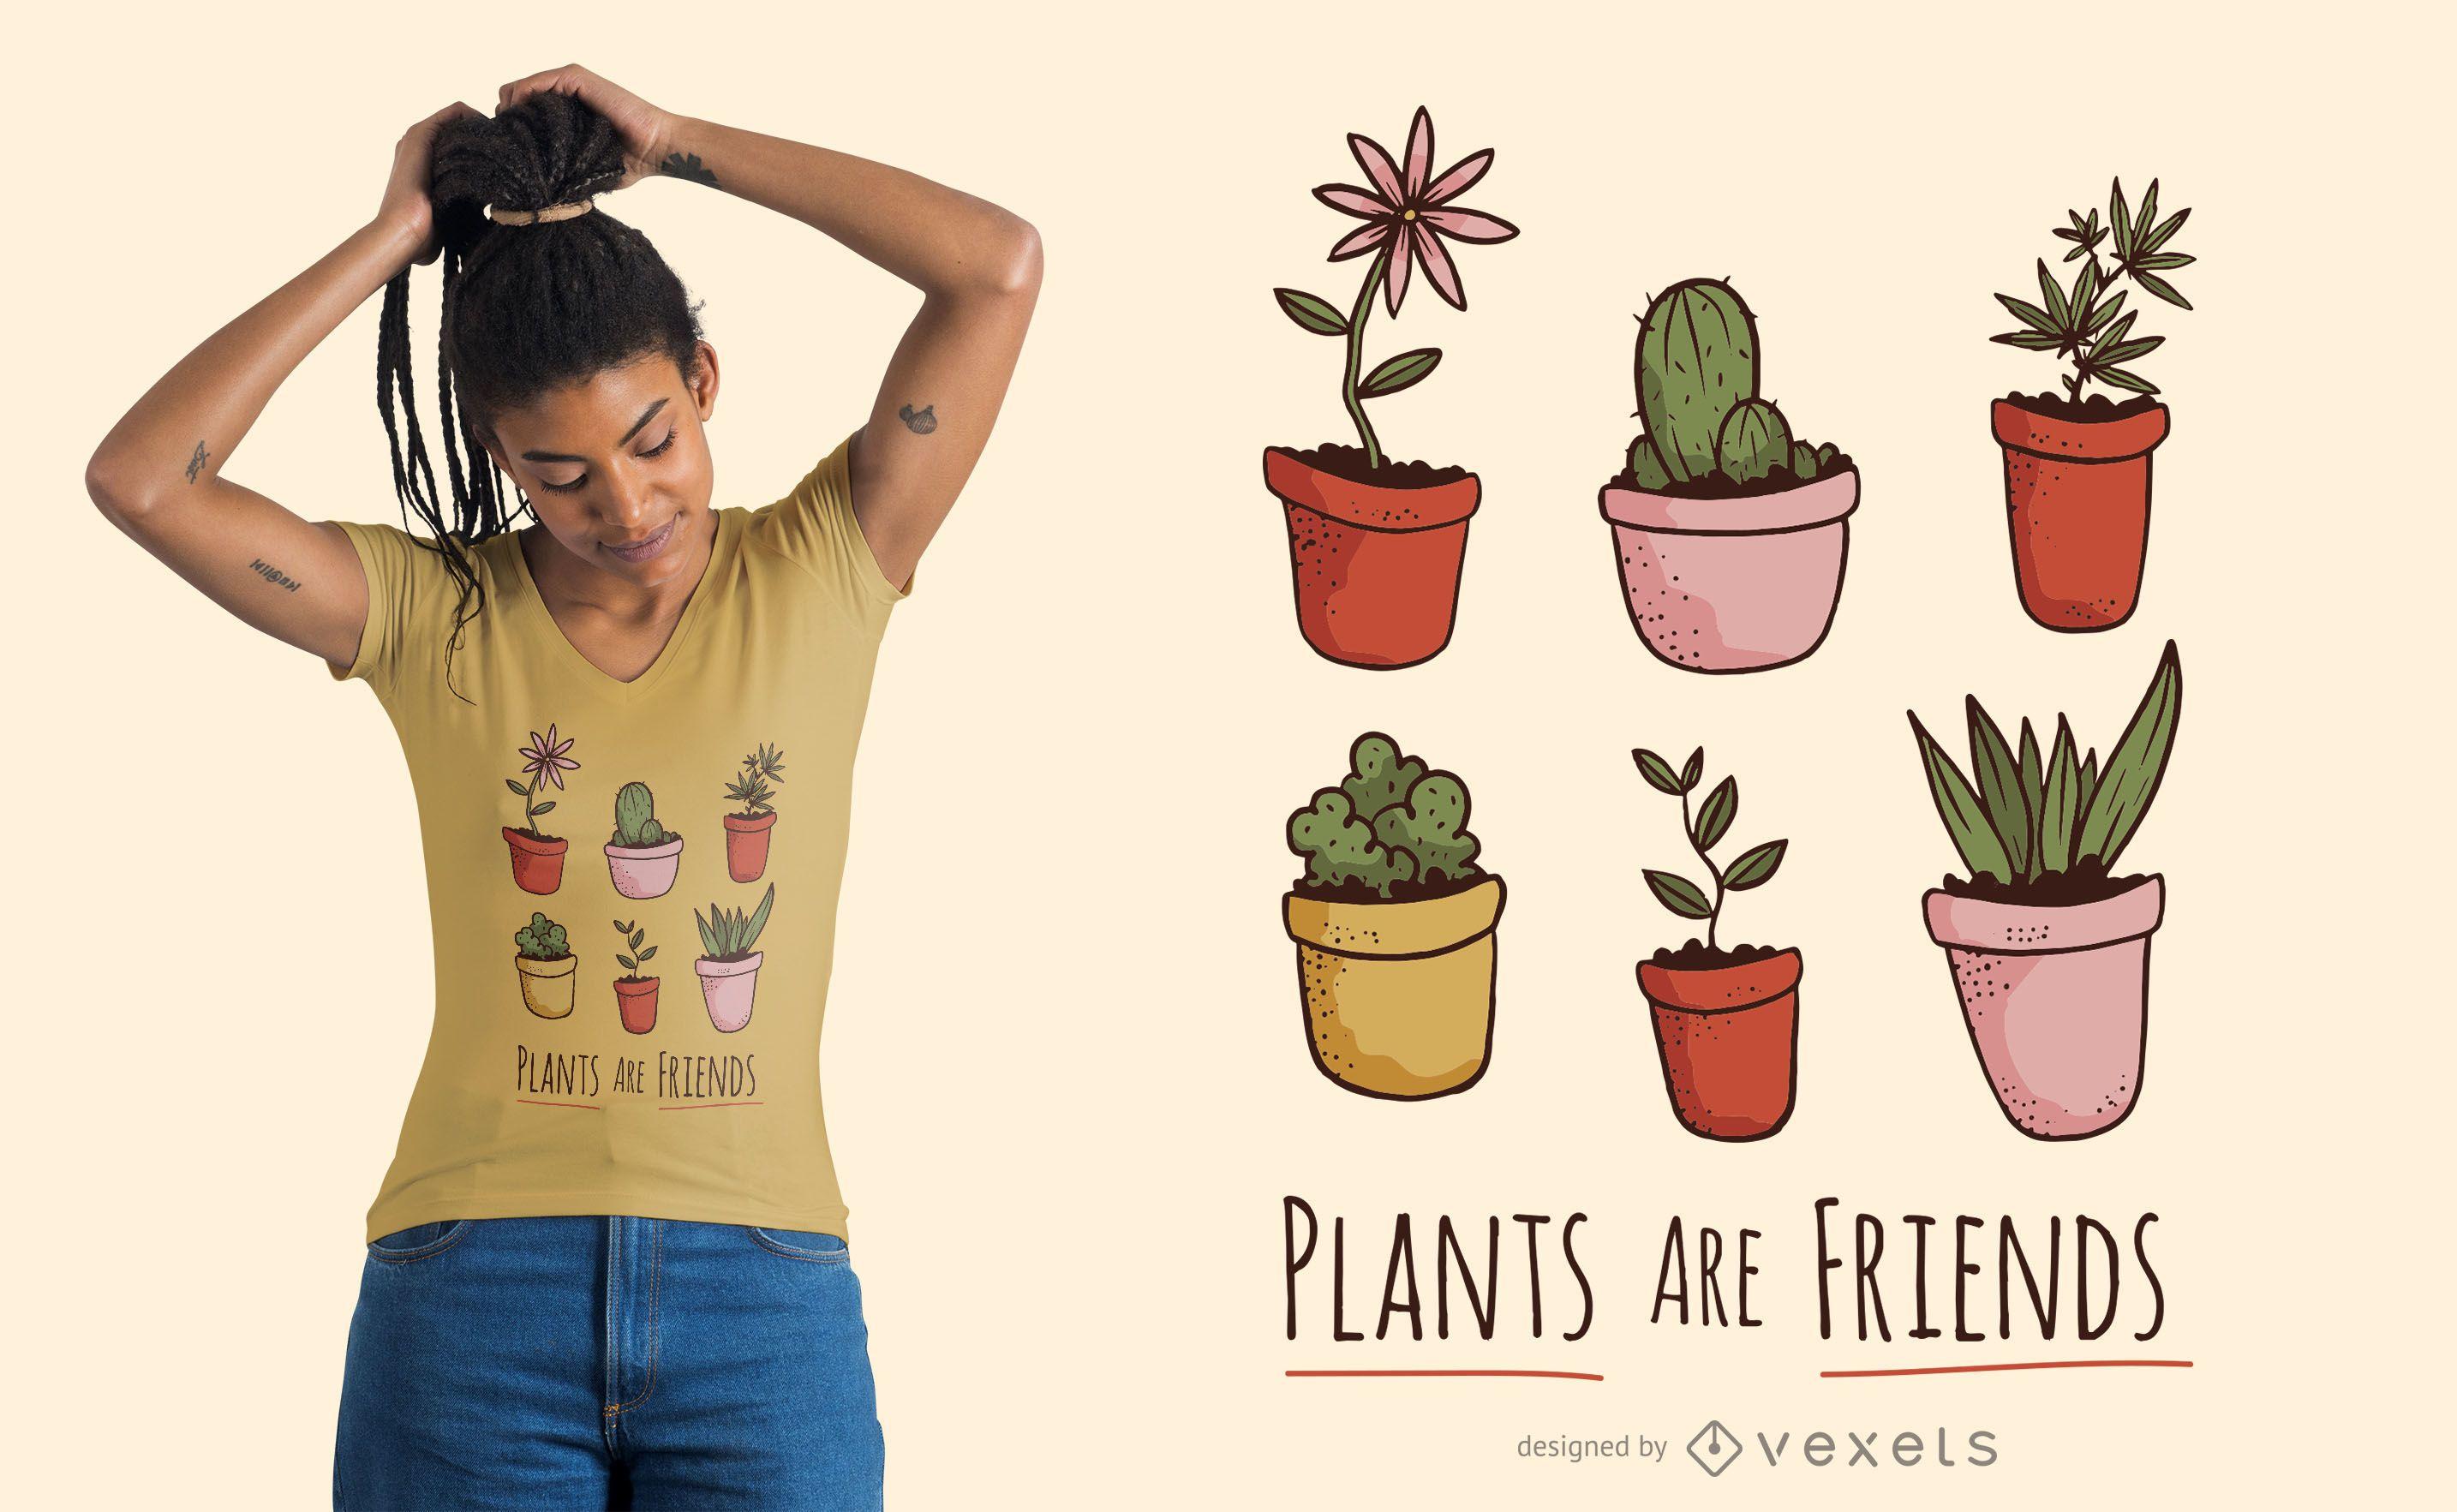 Las plantas son diseño de camiseta de amigos.